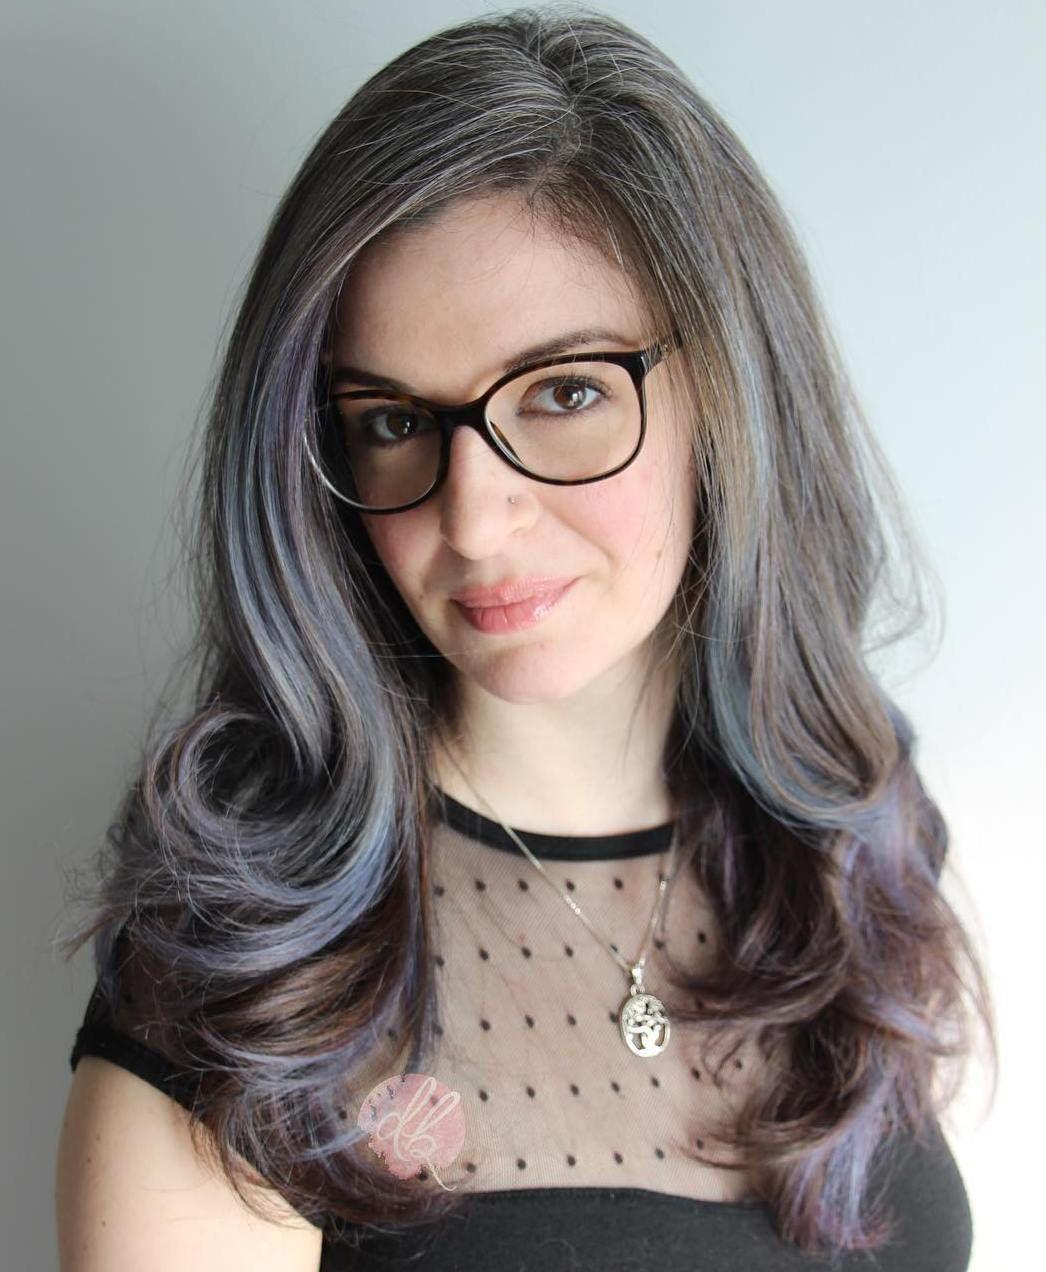 Grey hair in 40s